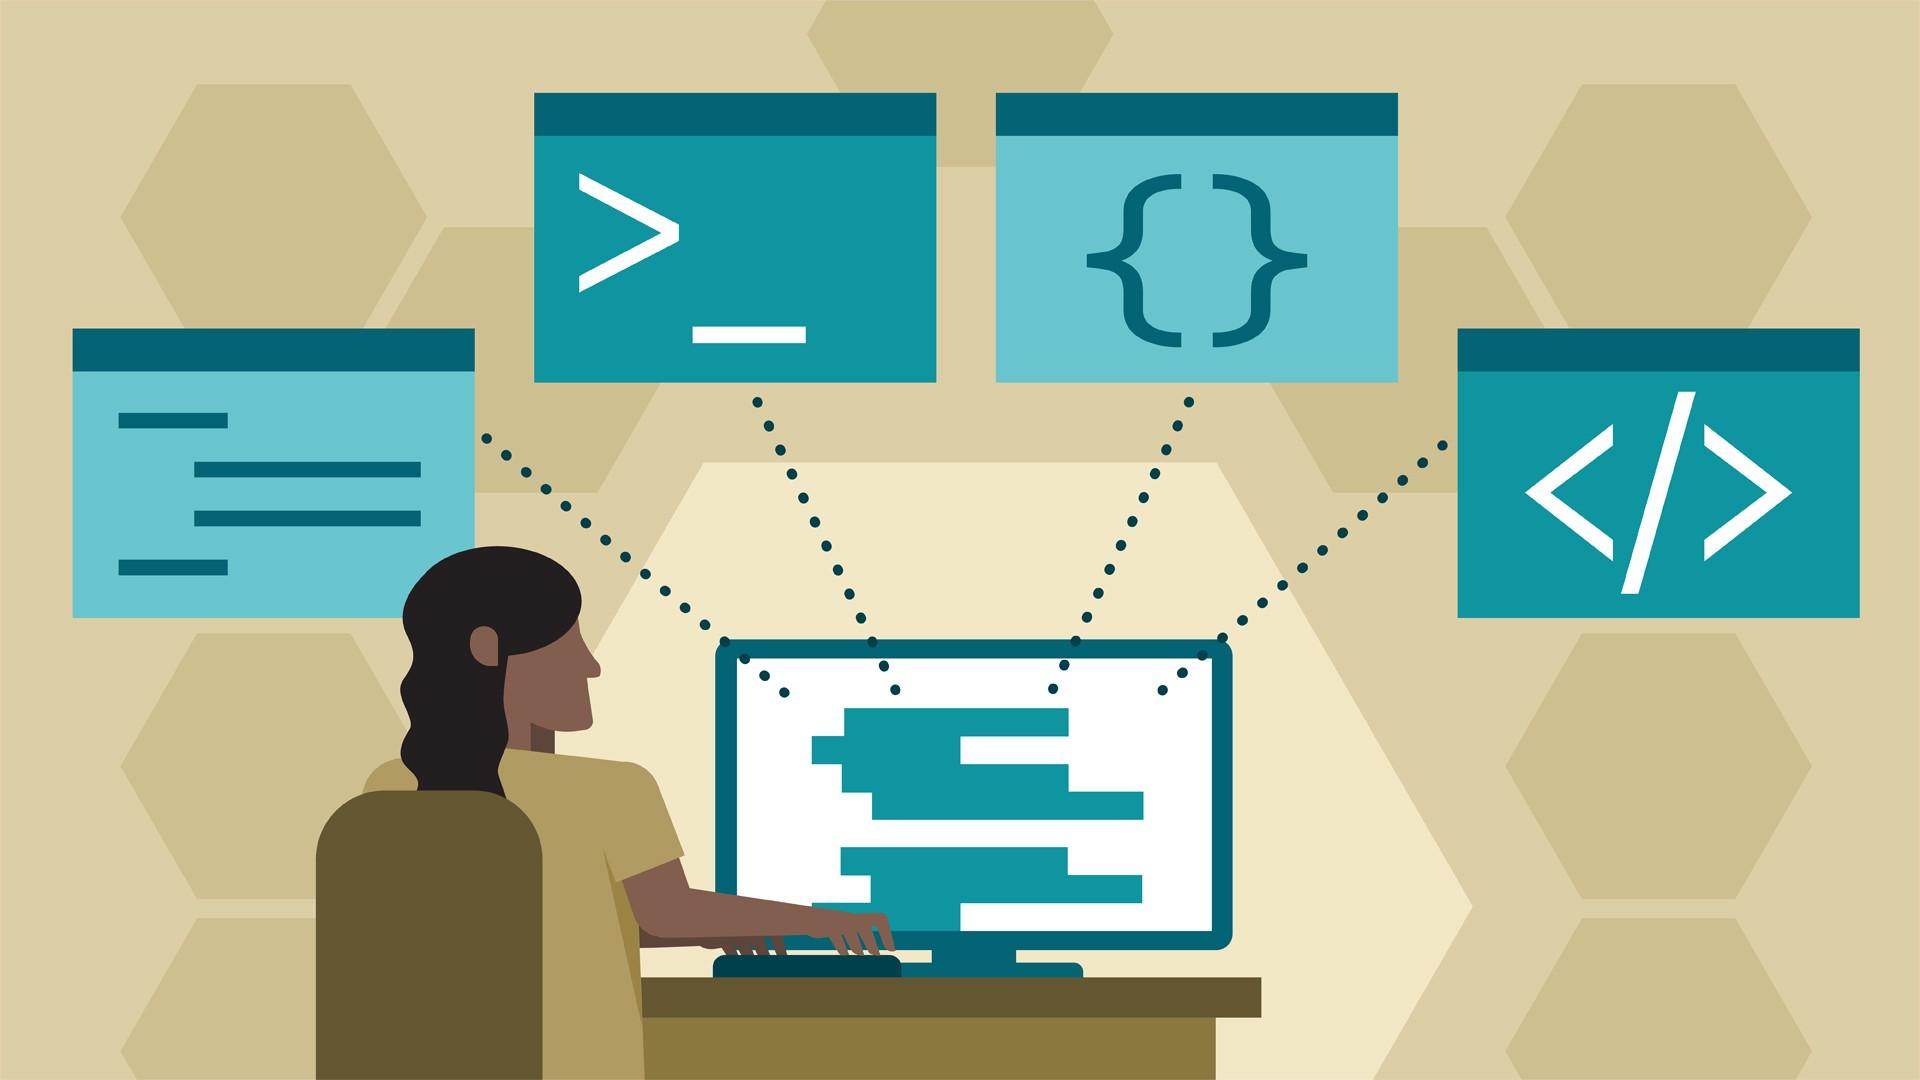 نقشه راه تبدیل شدن به یک برنامه نویس فرانت اند مدرن